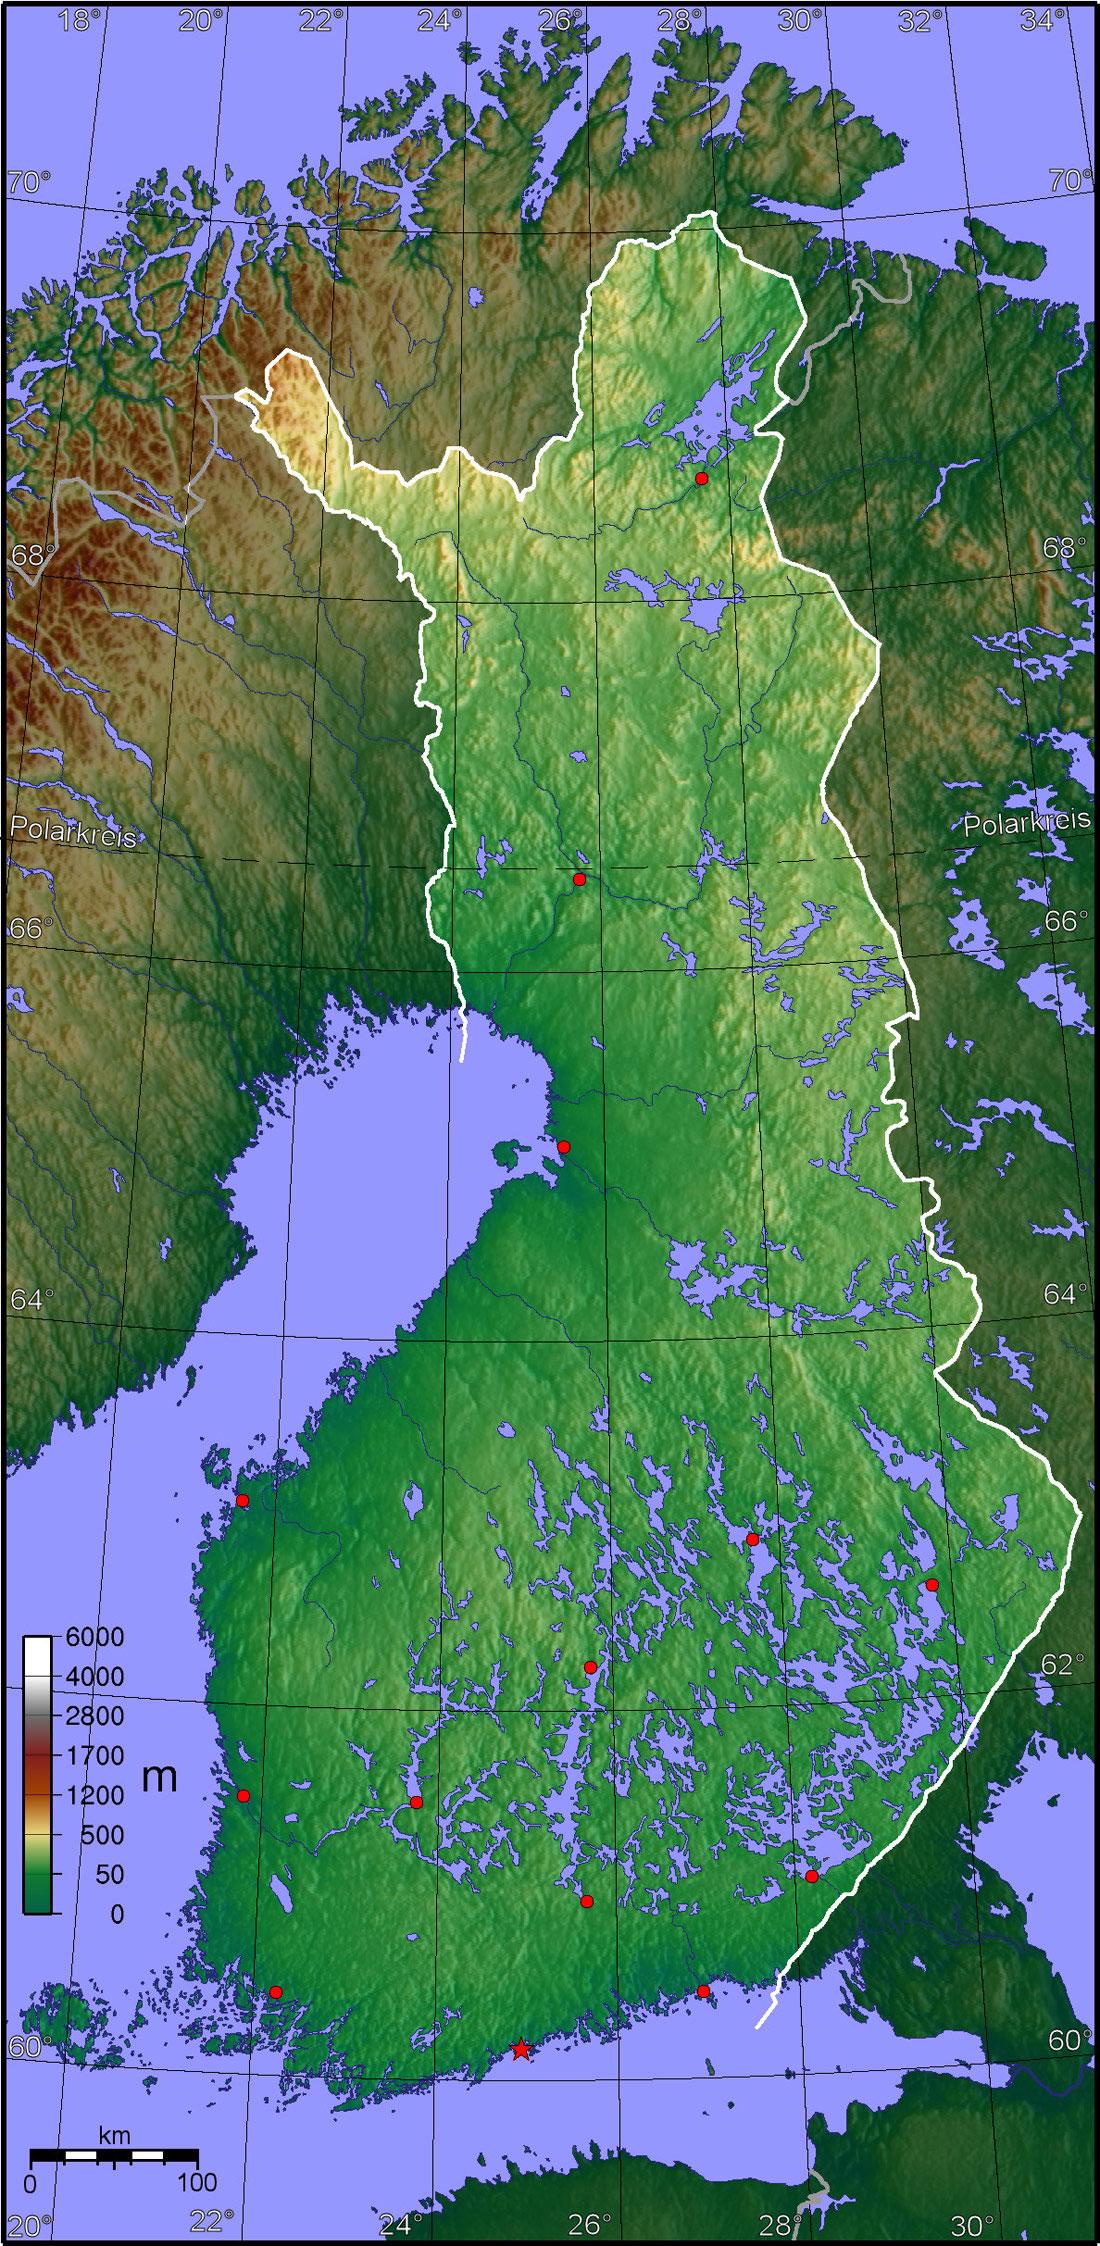 Carte topographique Finlande, Carte topographique de Finlande